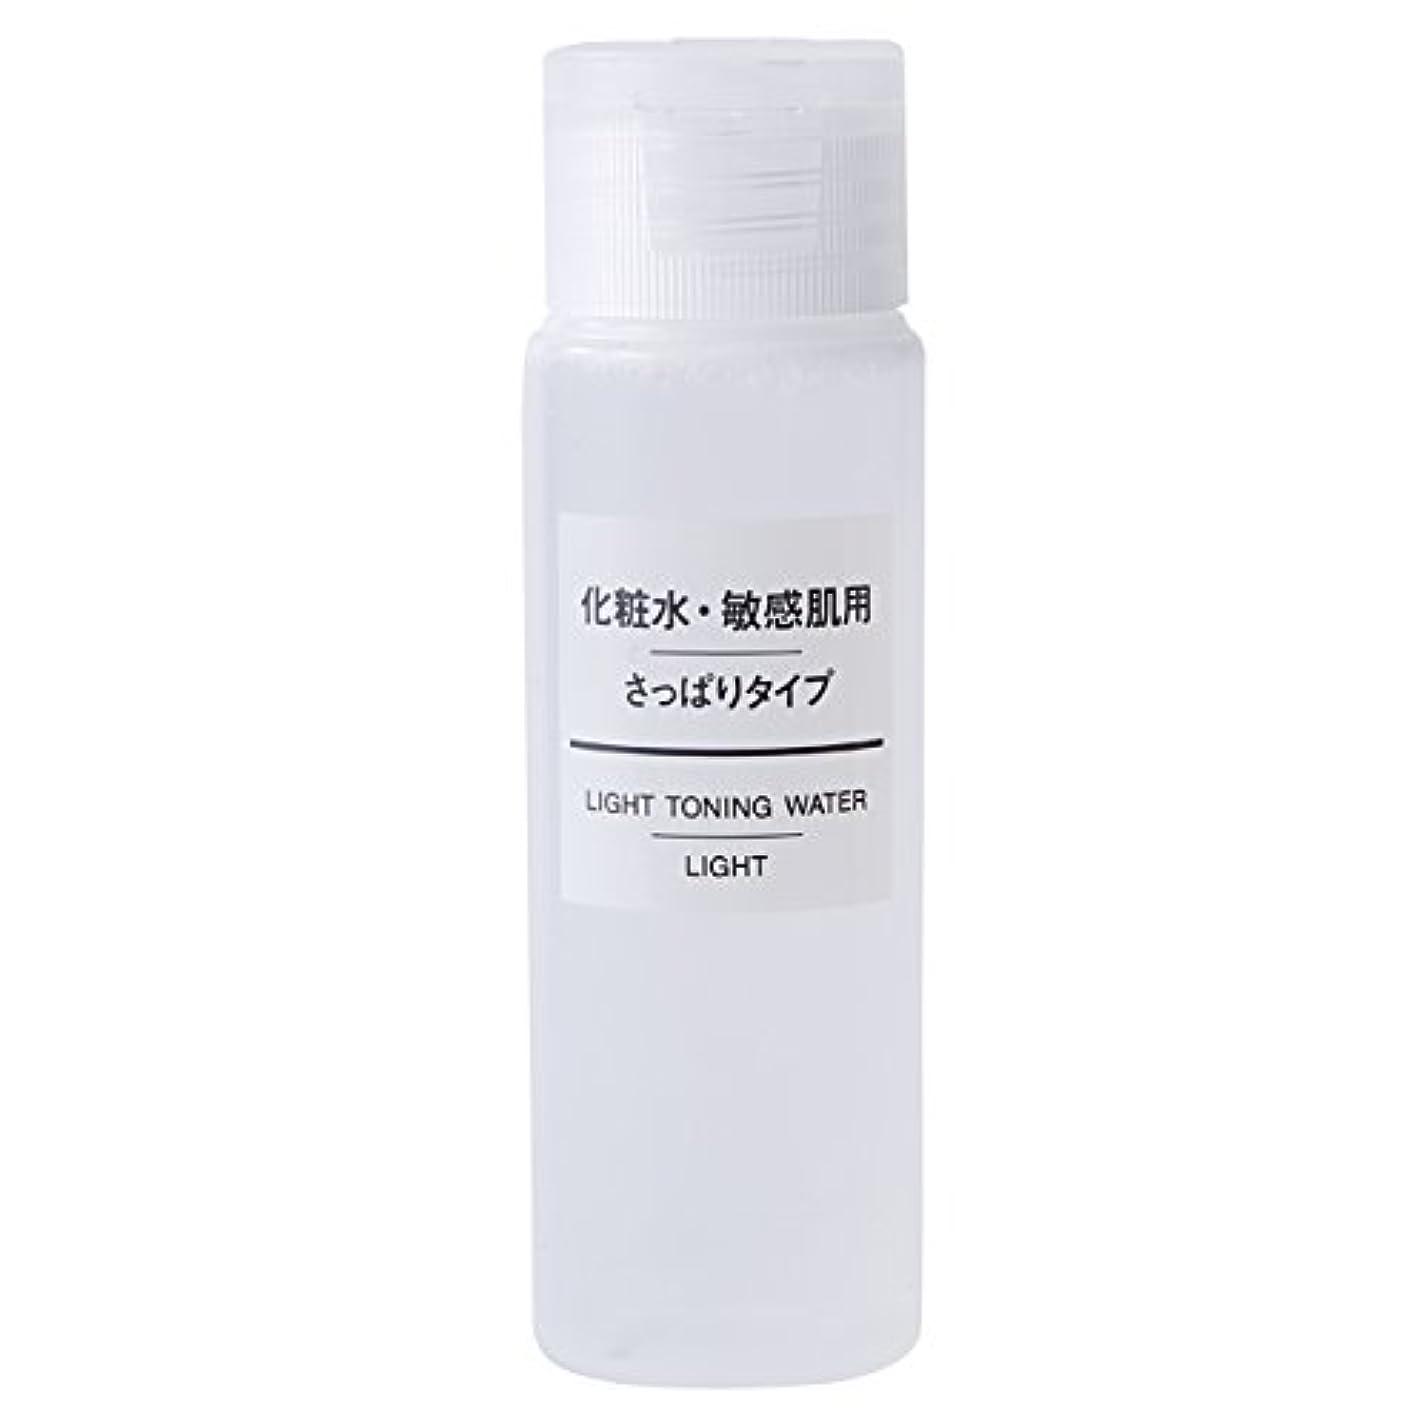 アラスカキャベツ原点無印良品 化粧水 敏感肌用 さっぱりタイプ(携帯用) 50ml